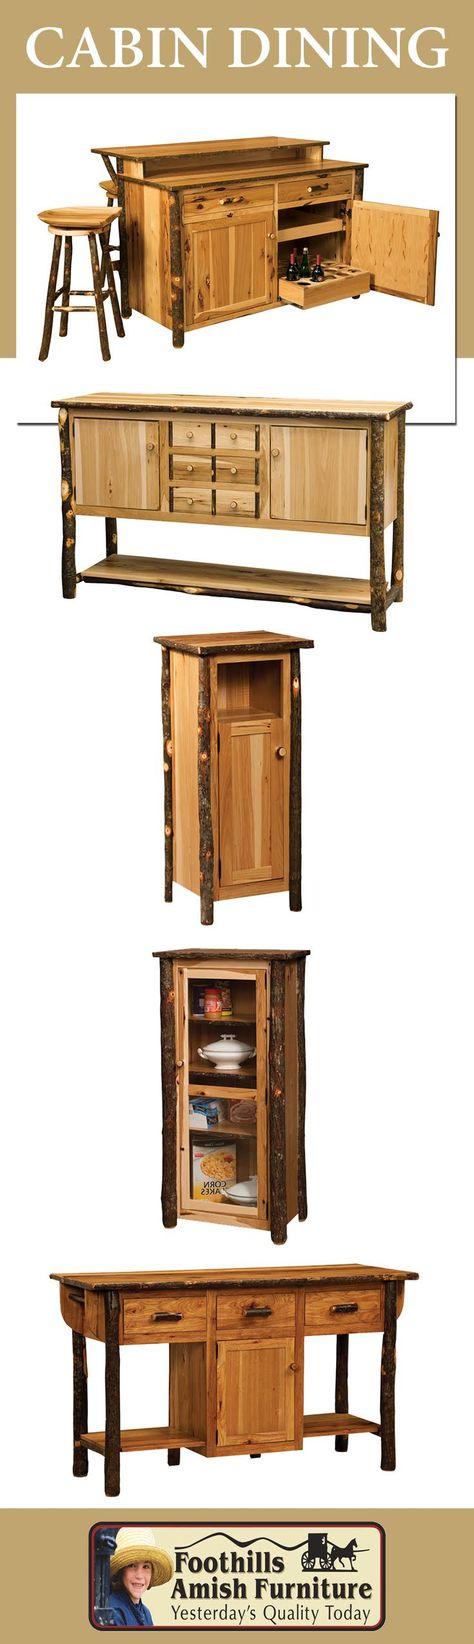 Living Room Furniture, Foothills Amish Furniture